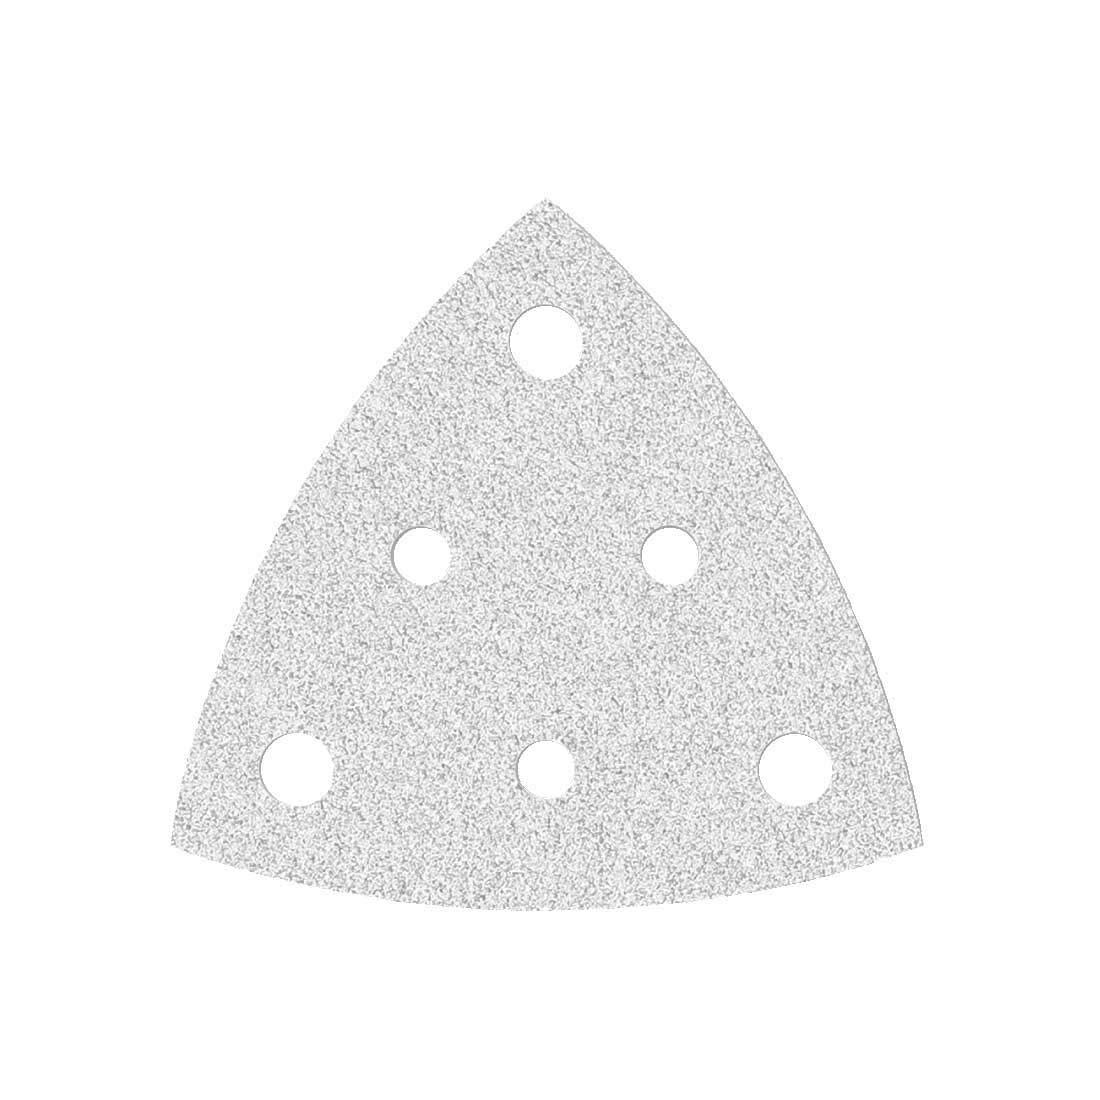 50 MioTools Klett-Schleifblätter Deltaschleifer 82 mm K40-240